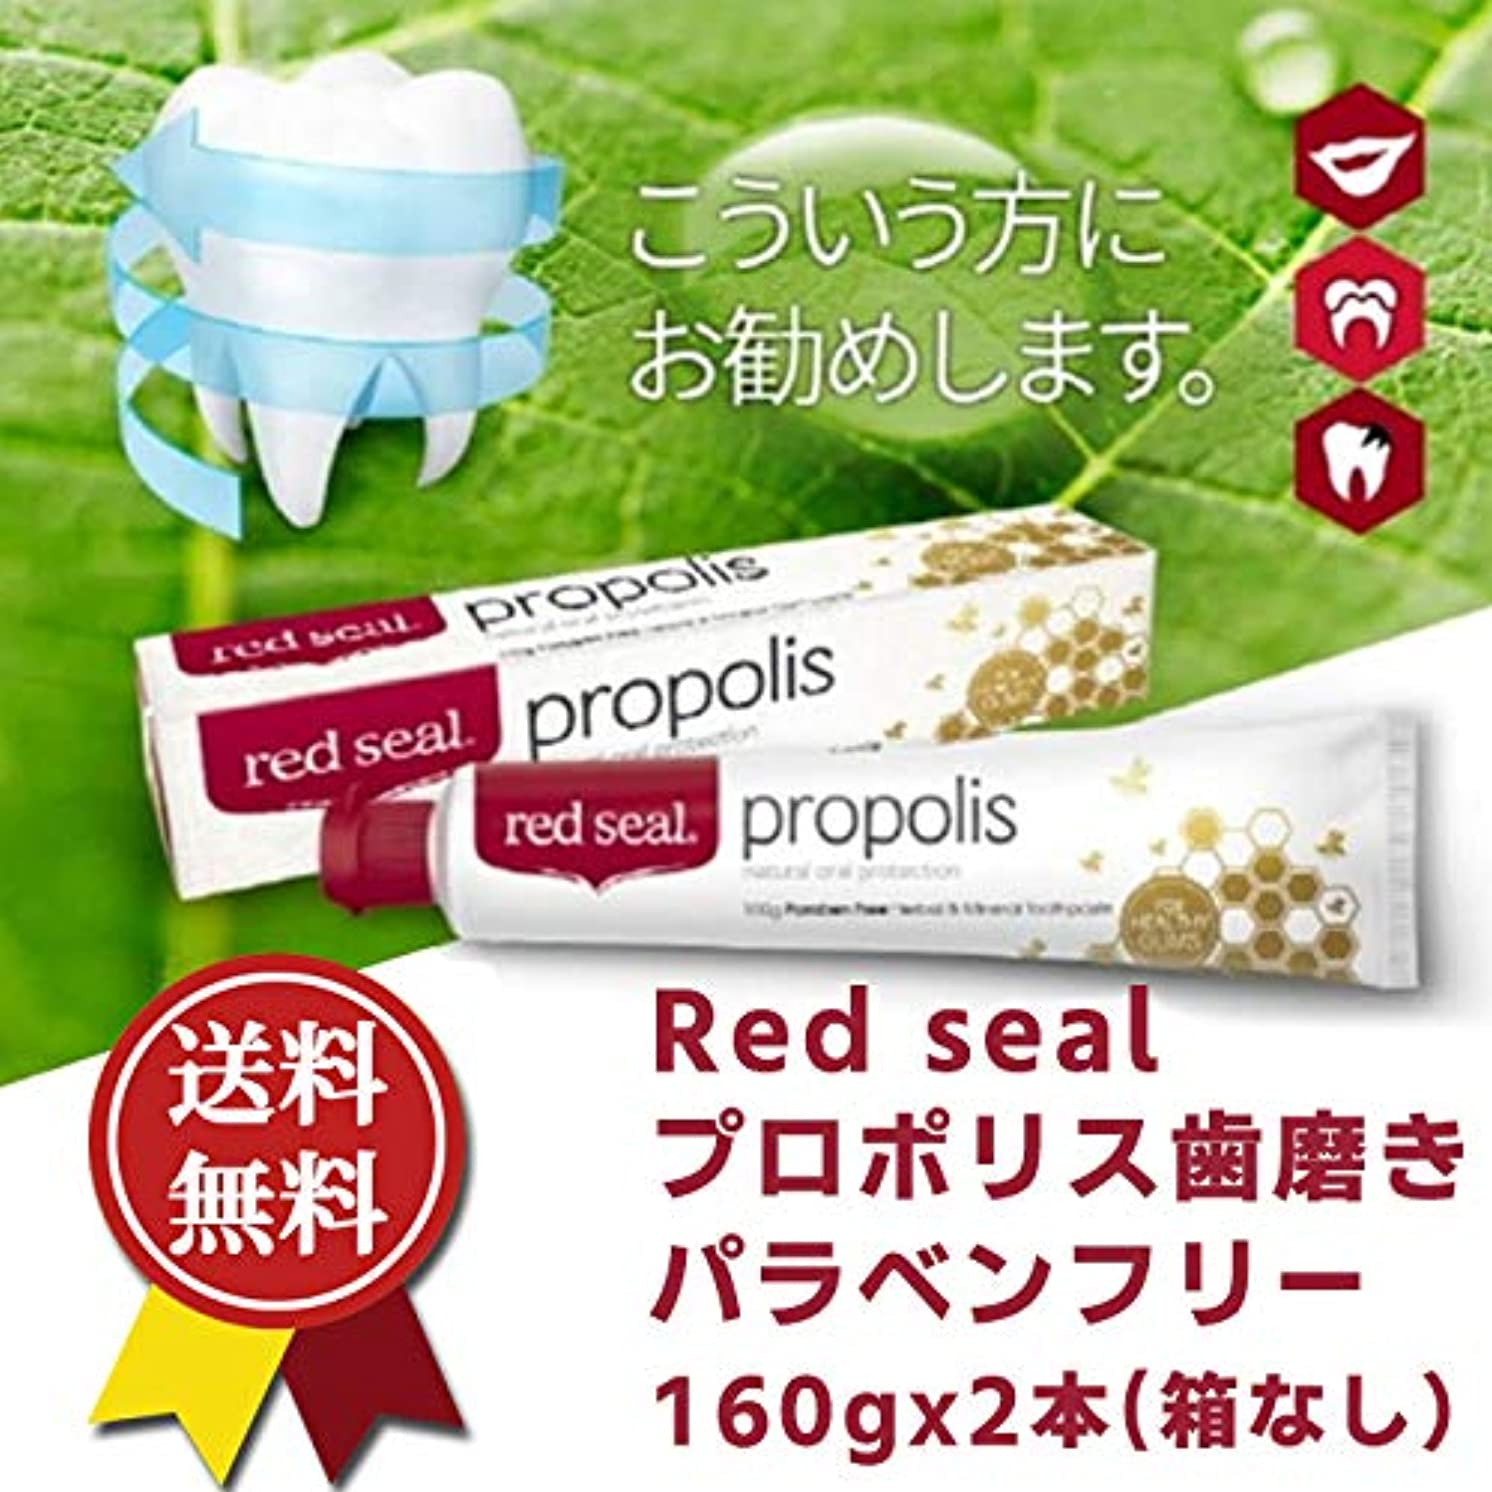 かすかなメールスキッパー★送料無料★red seal レッドシール プロポリス 歯磨き粉 160gx2本 RED SEAL Propolis Toothpaste